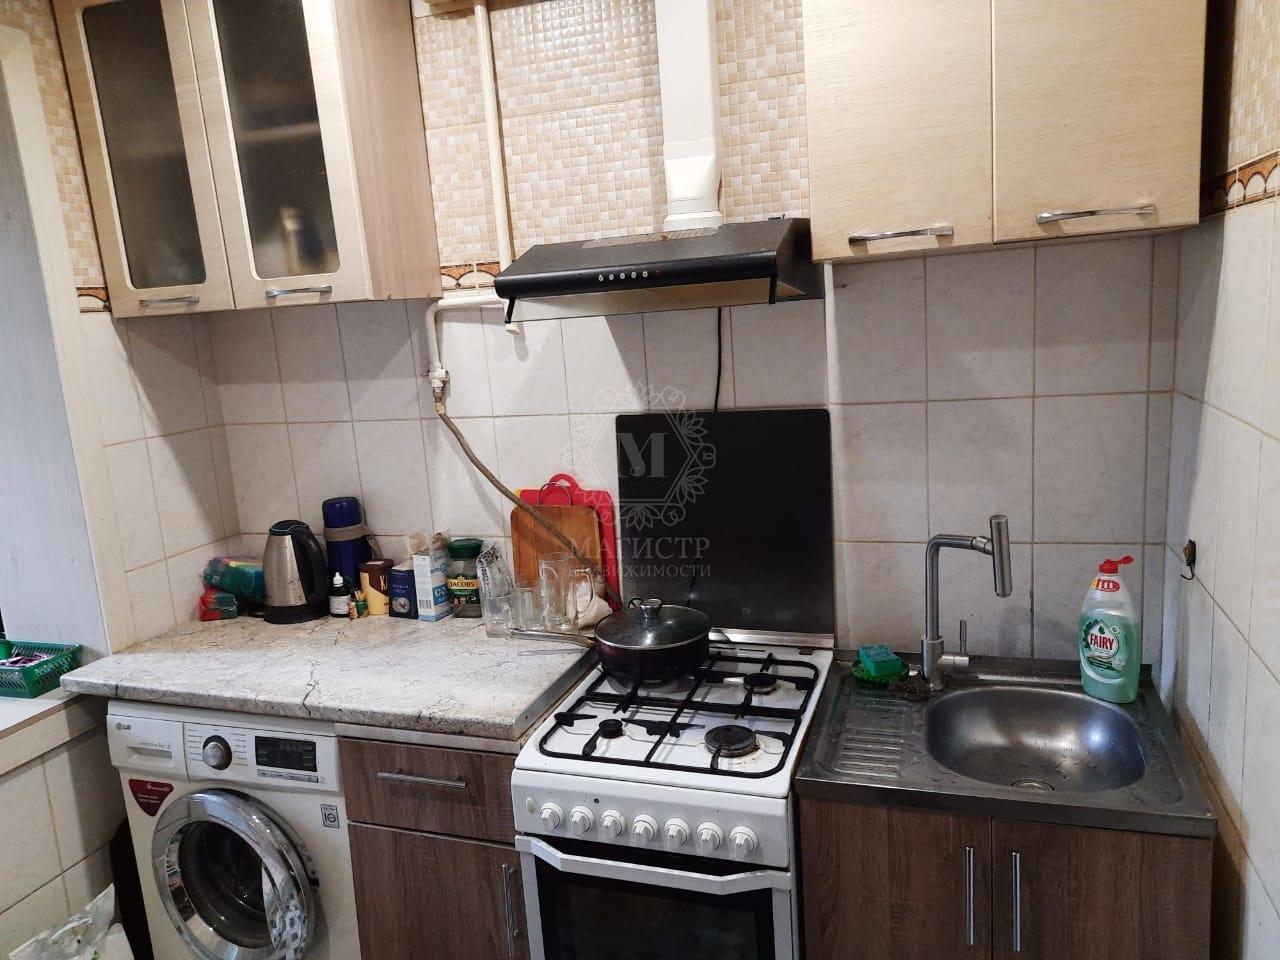 Продается двухкомнатная квартира в спальном районе ул. Винодела Егорова